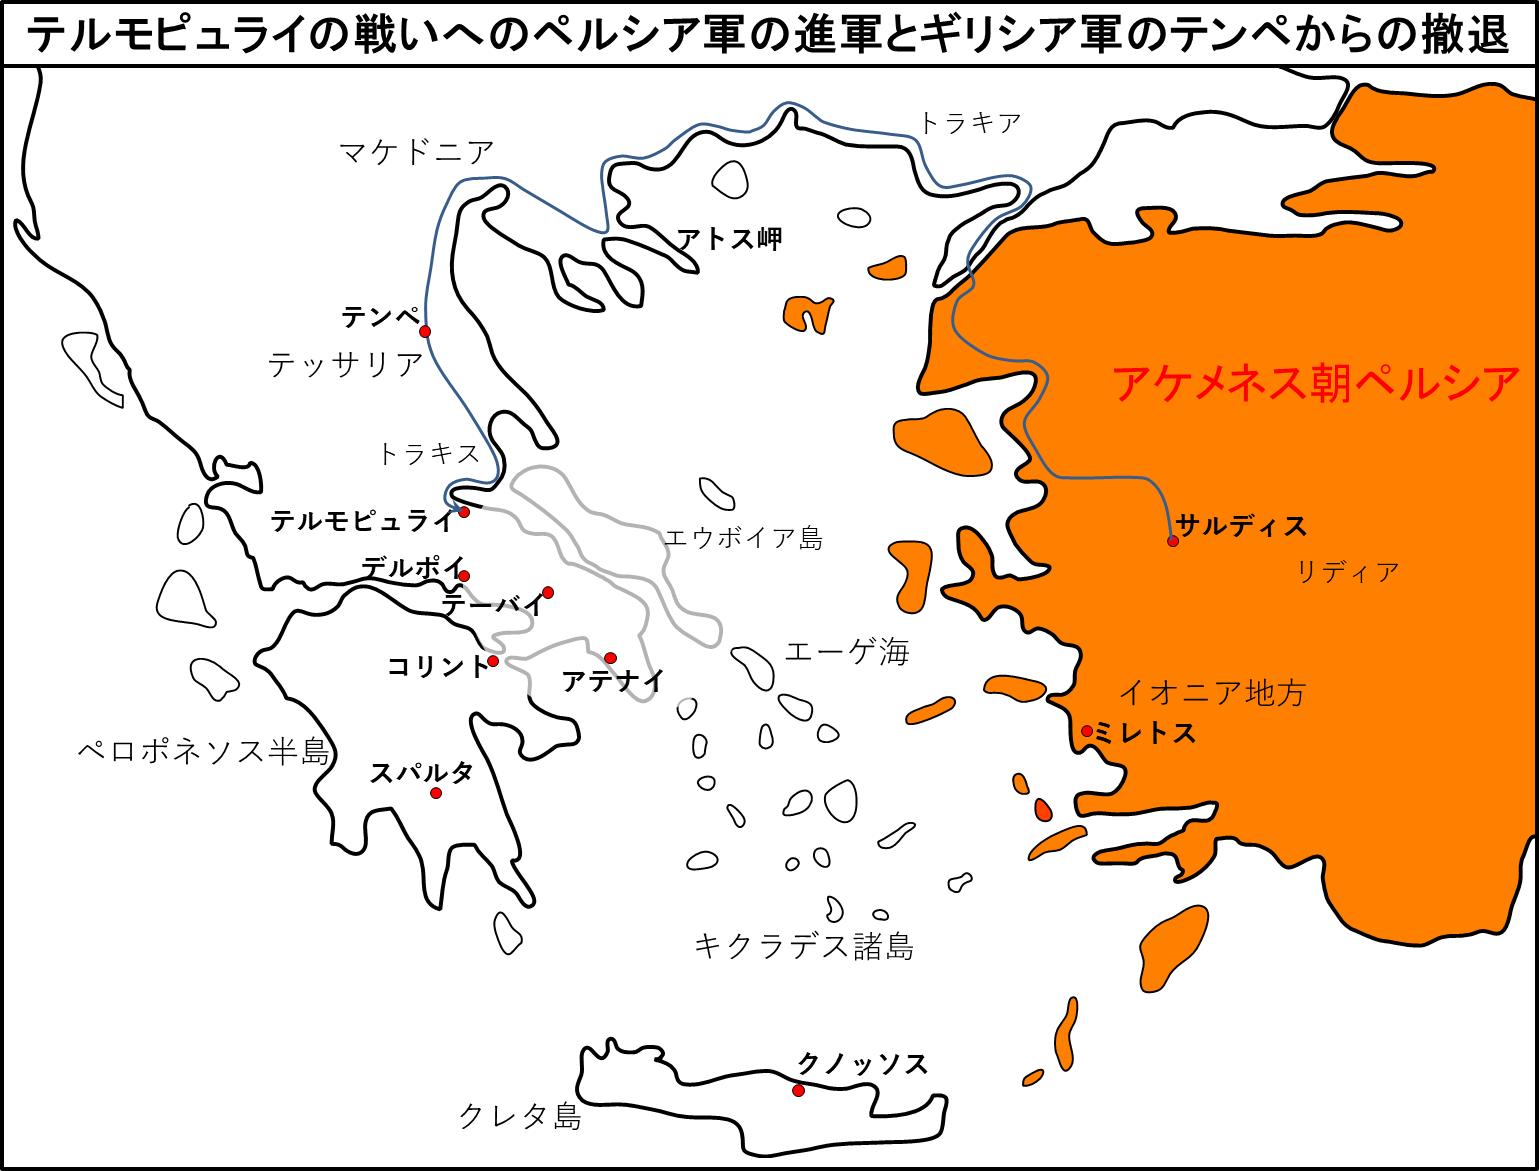 テルモピュライの戦いへのペルシア軍の進軍とギリシア軍のテンペからの撤退